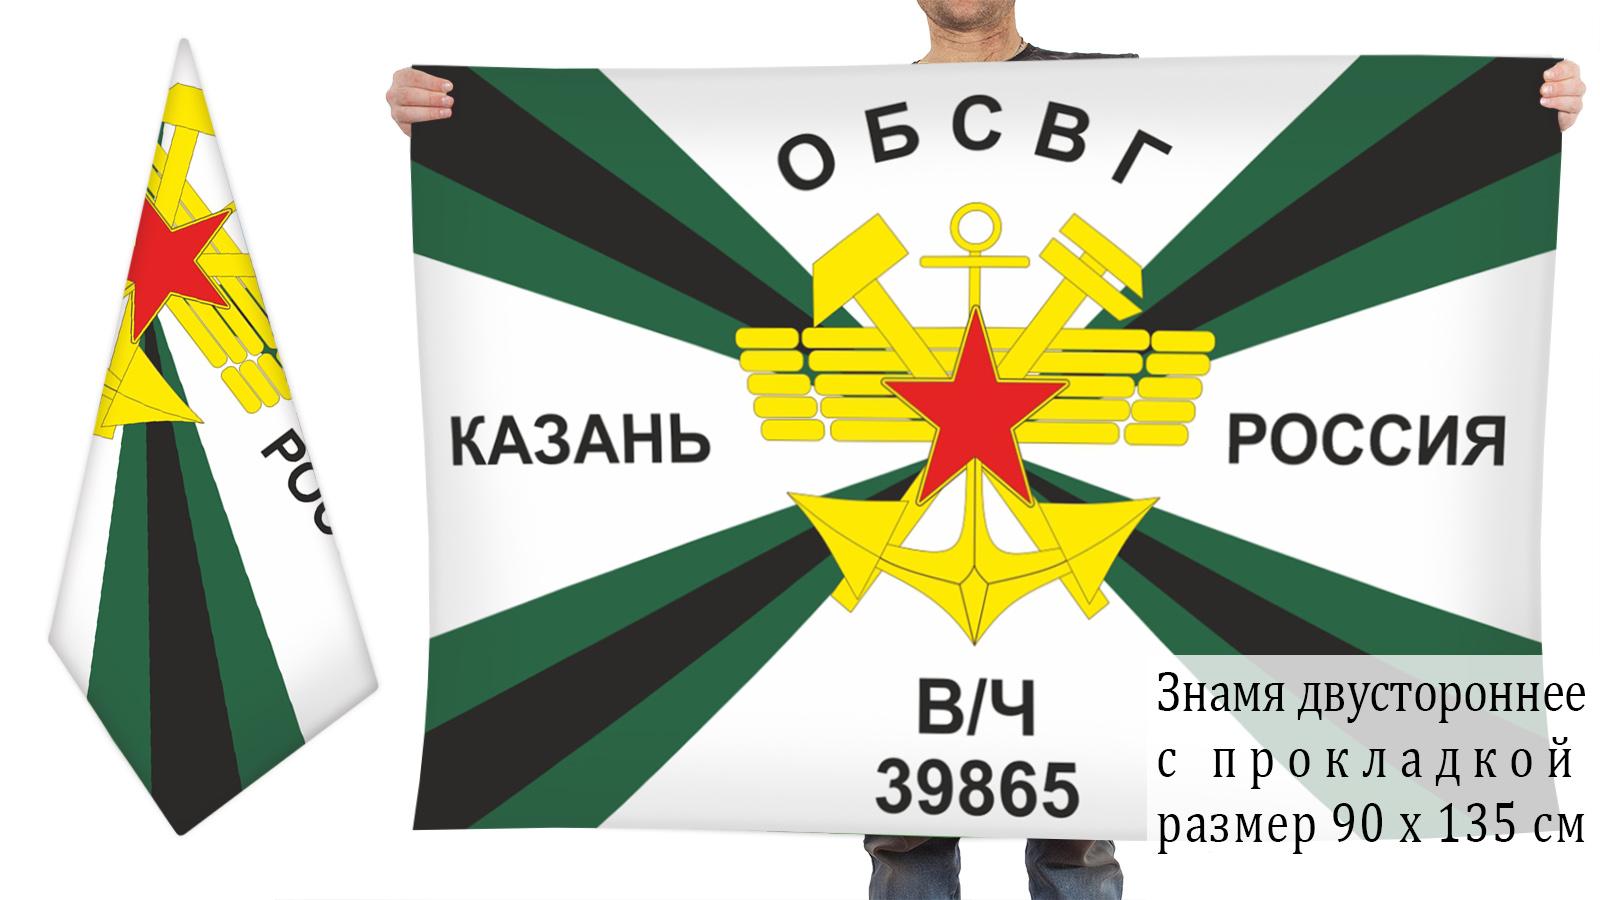 Заказать двухсторонний флаг ОБСВГ Казань Россия в/ч 39865